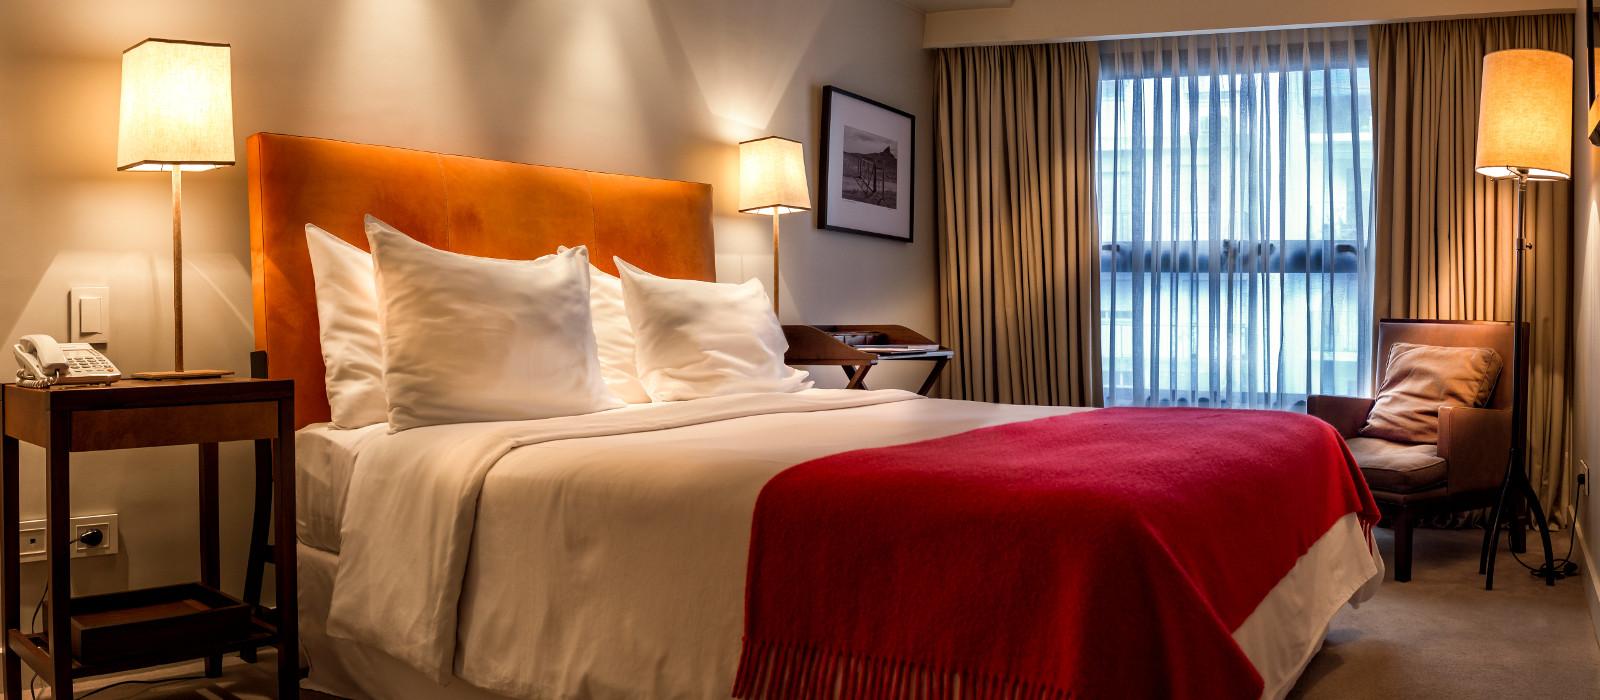 Hotel Serena  Argentinien